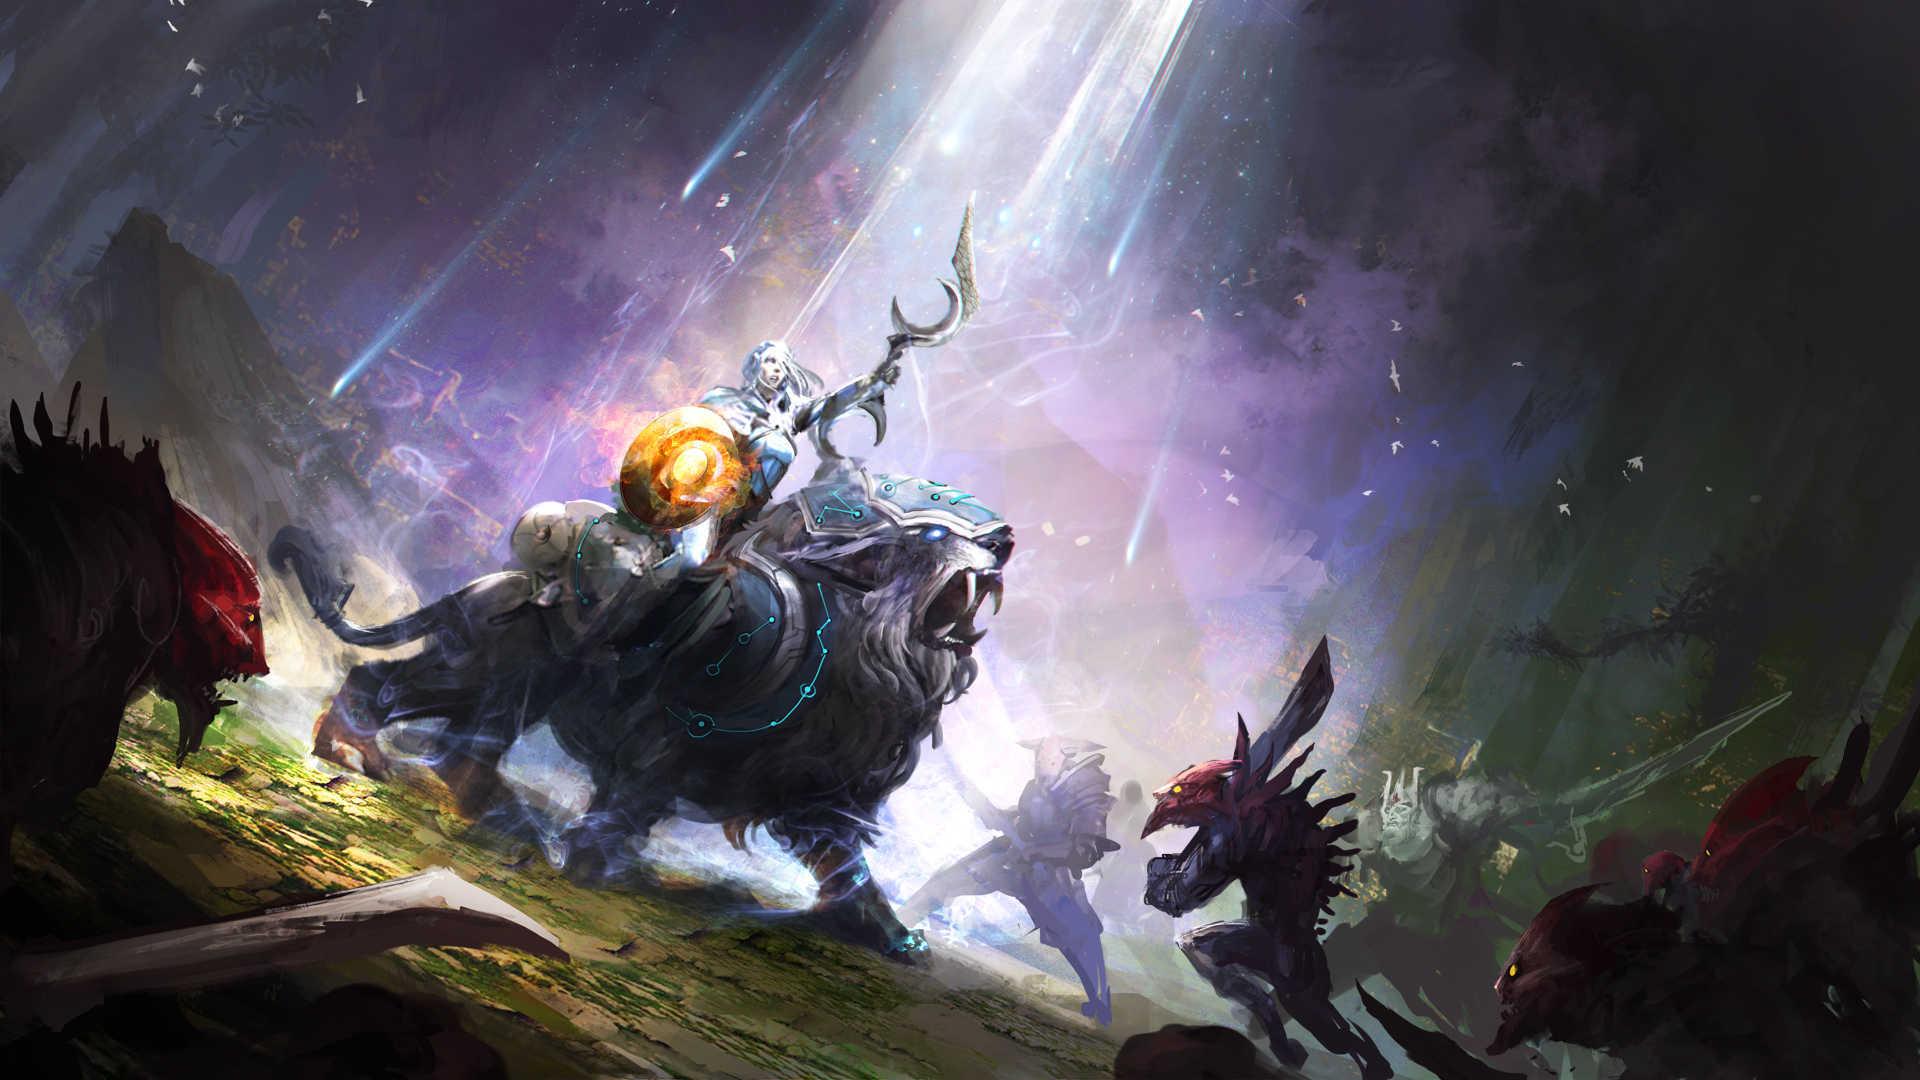 Monster In Dota 2 – Game Wallpaper Wallpaper